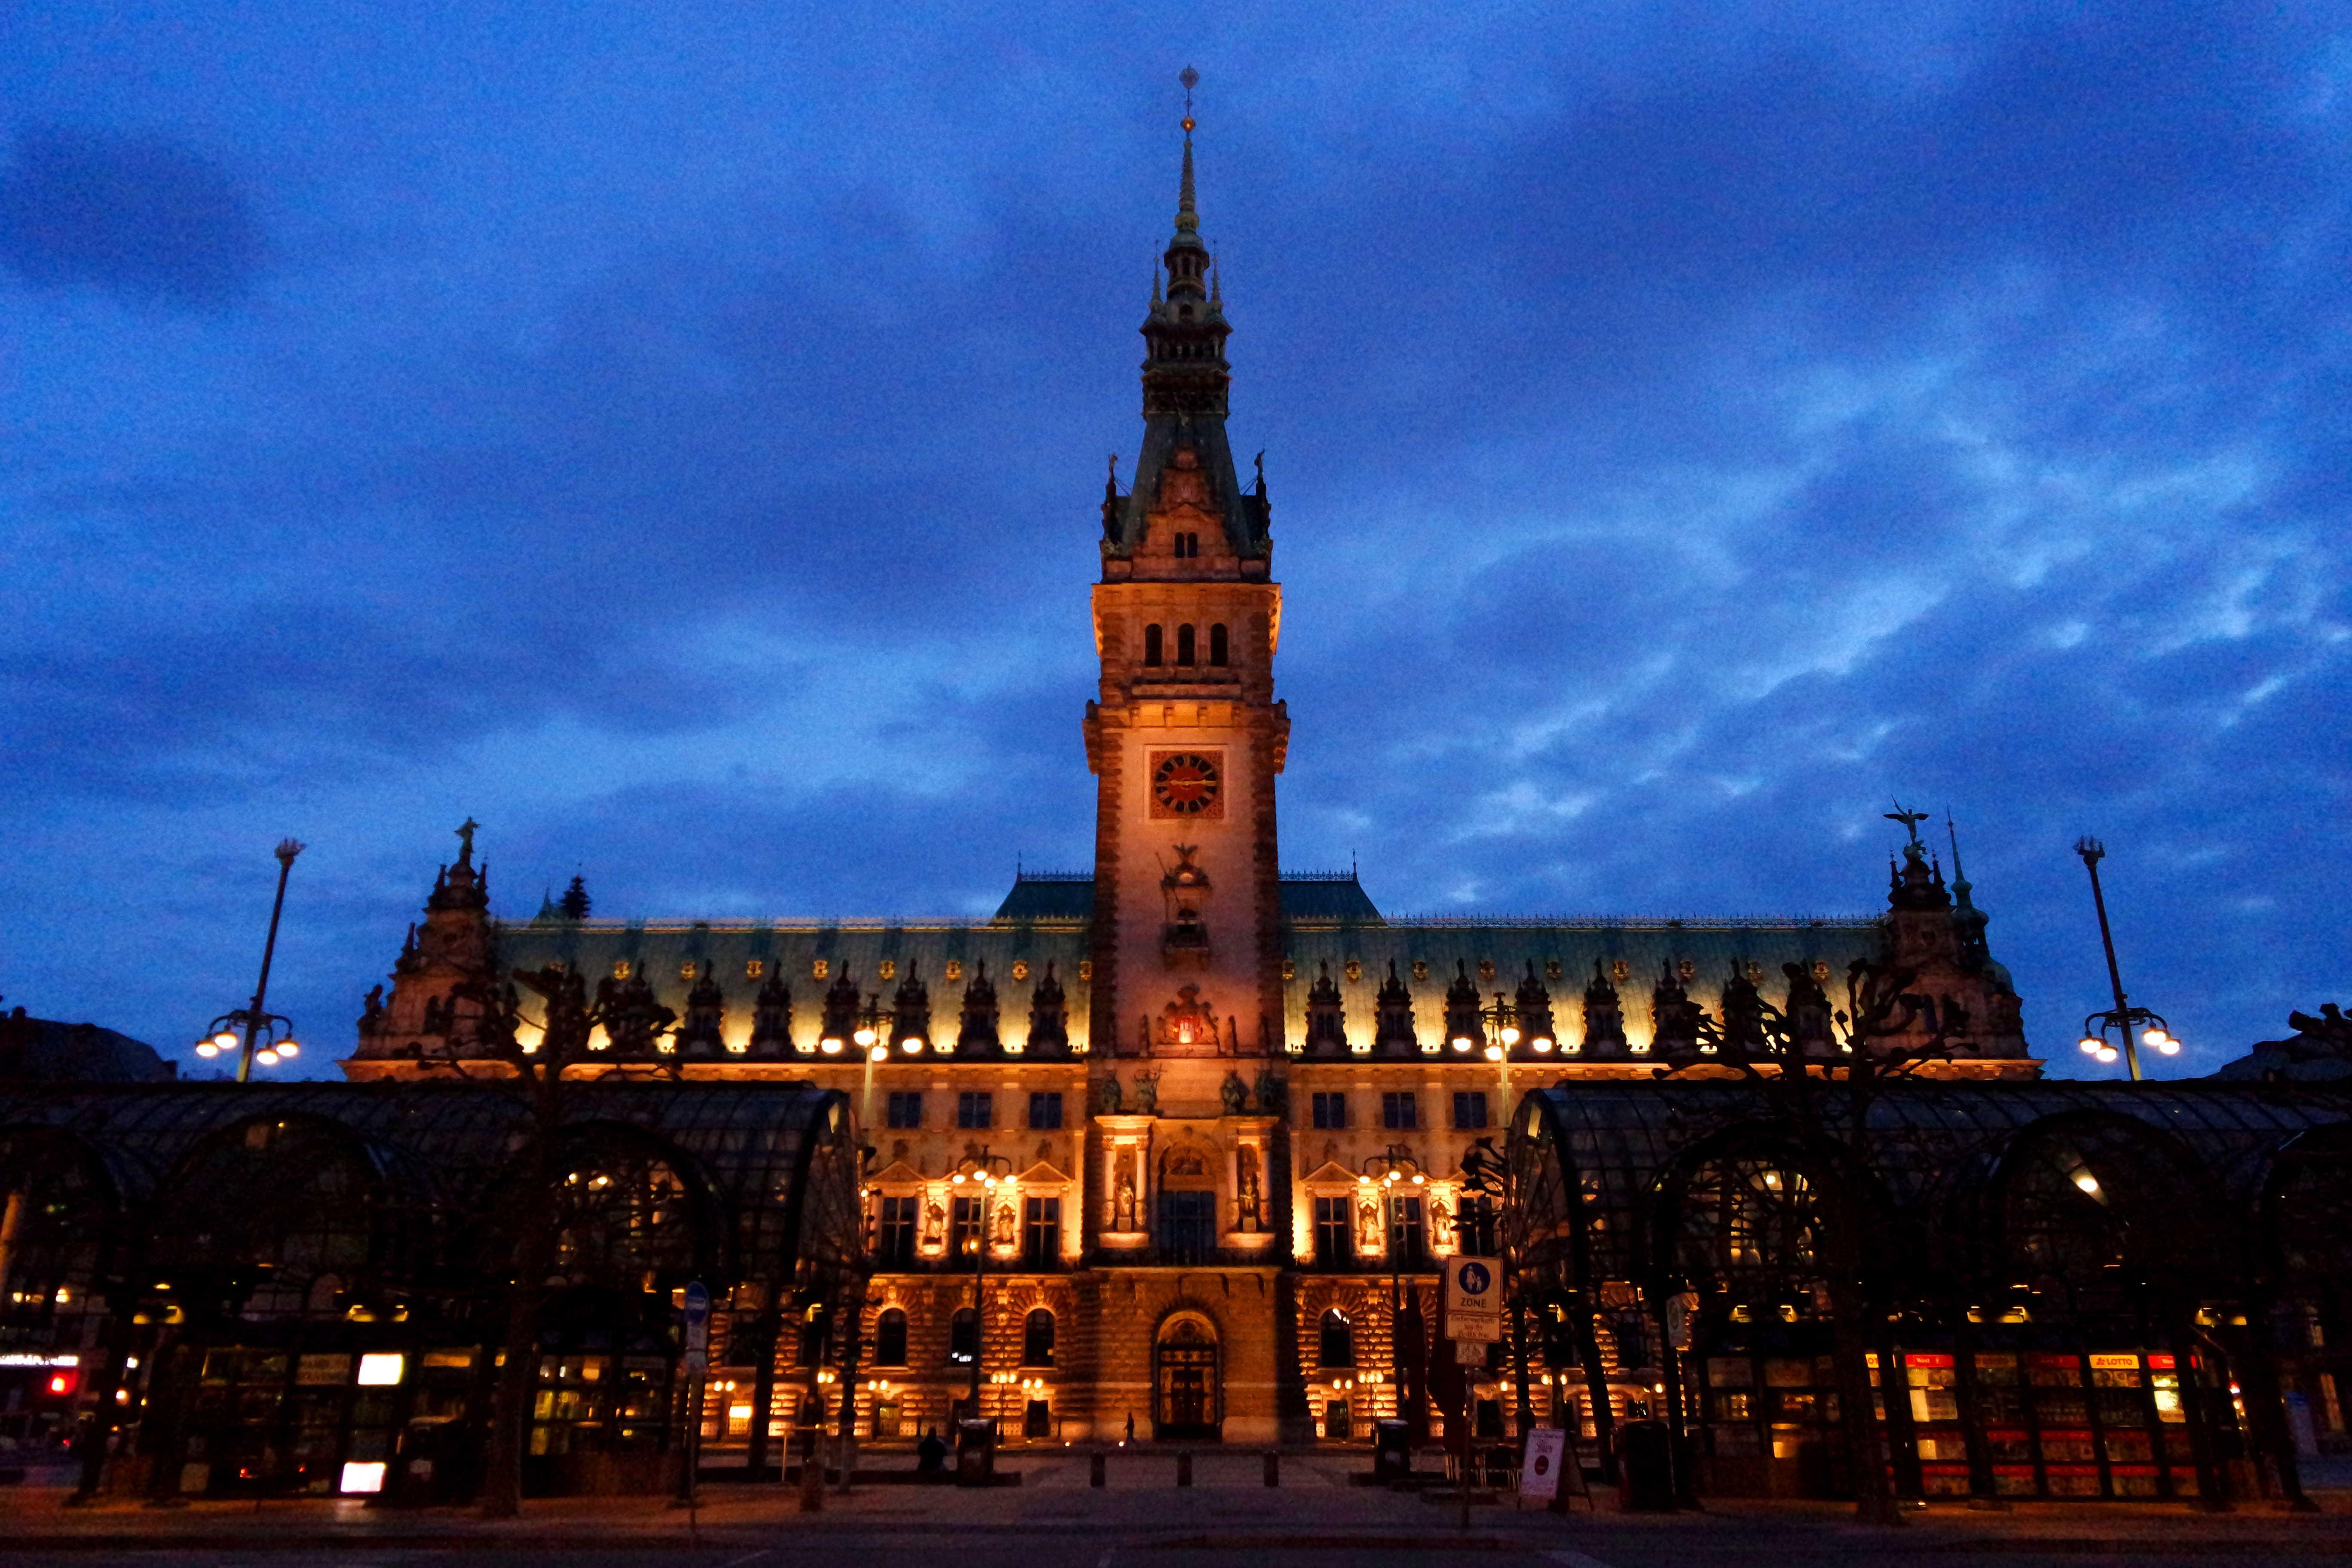 O belo edifício da Prefeitura de Hamburgo ao anoitecer